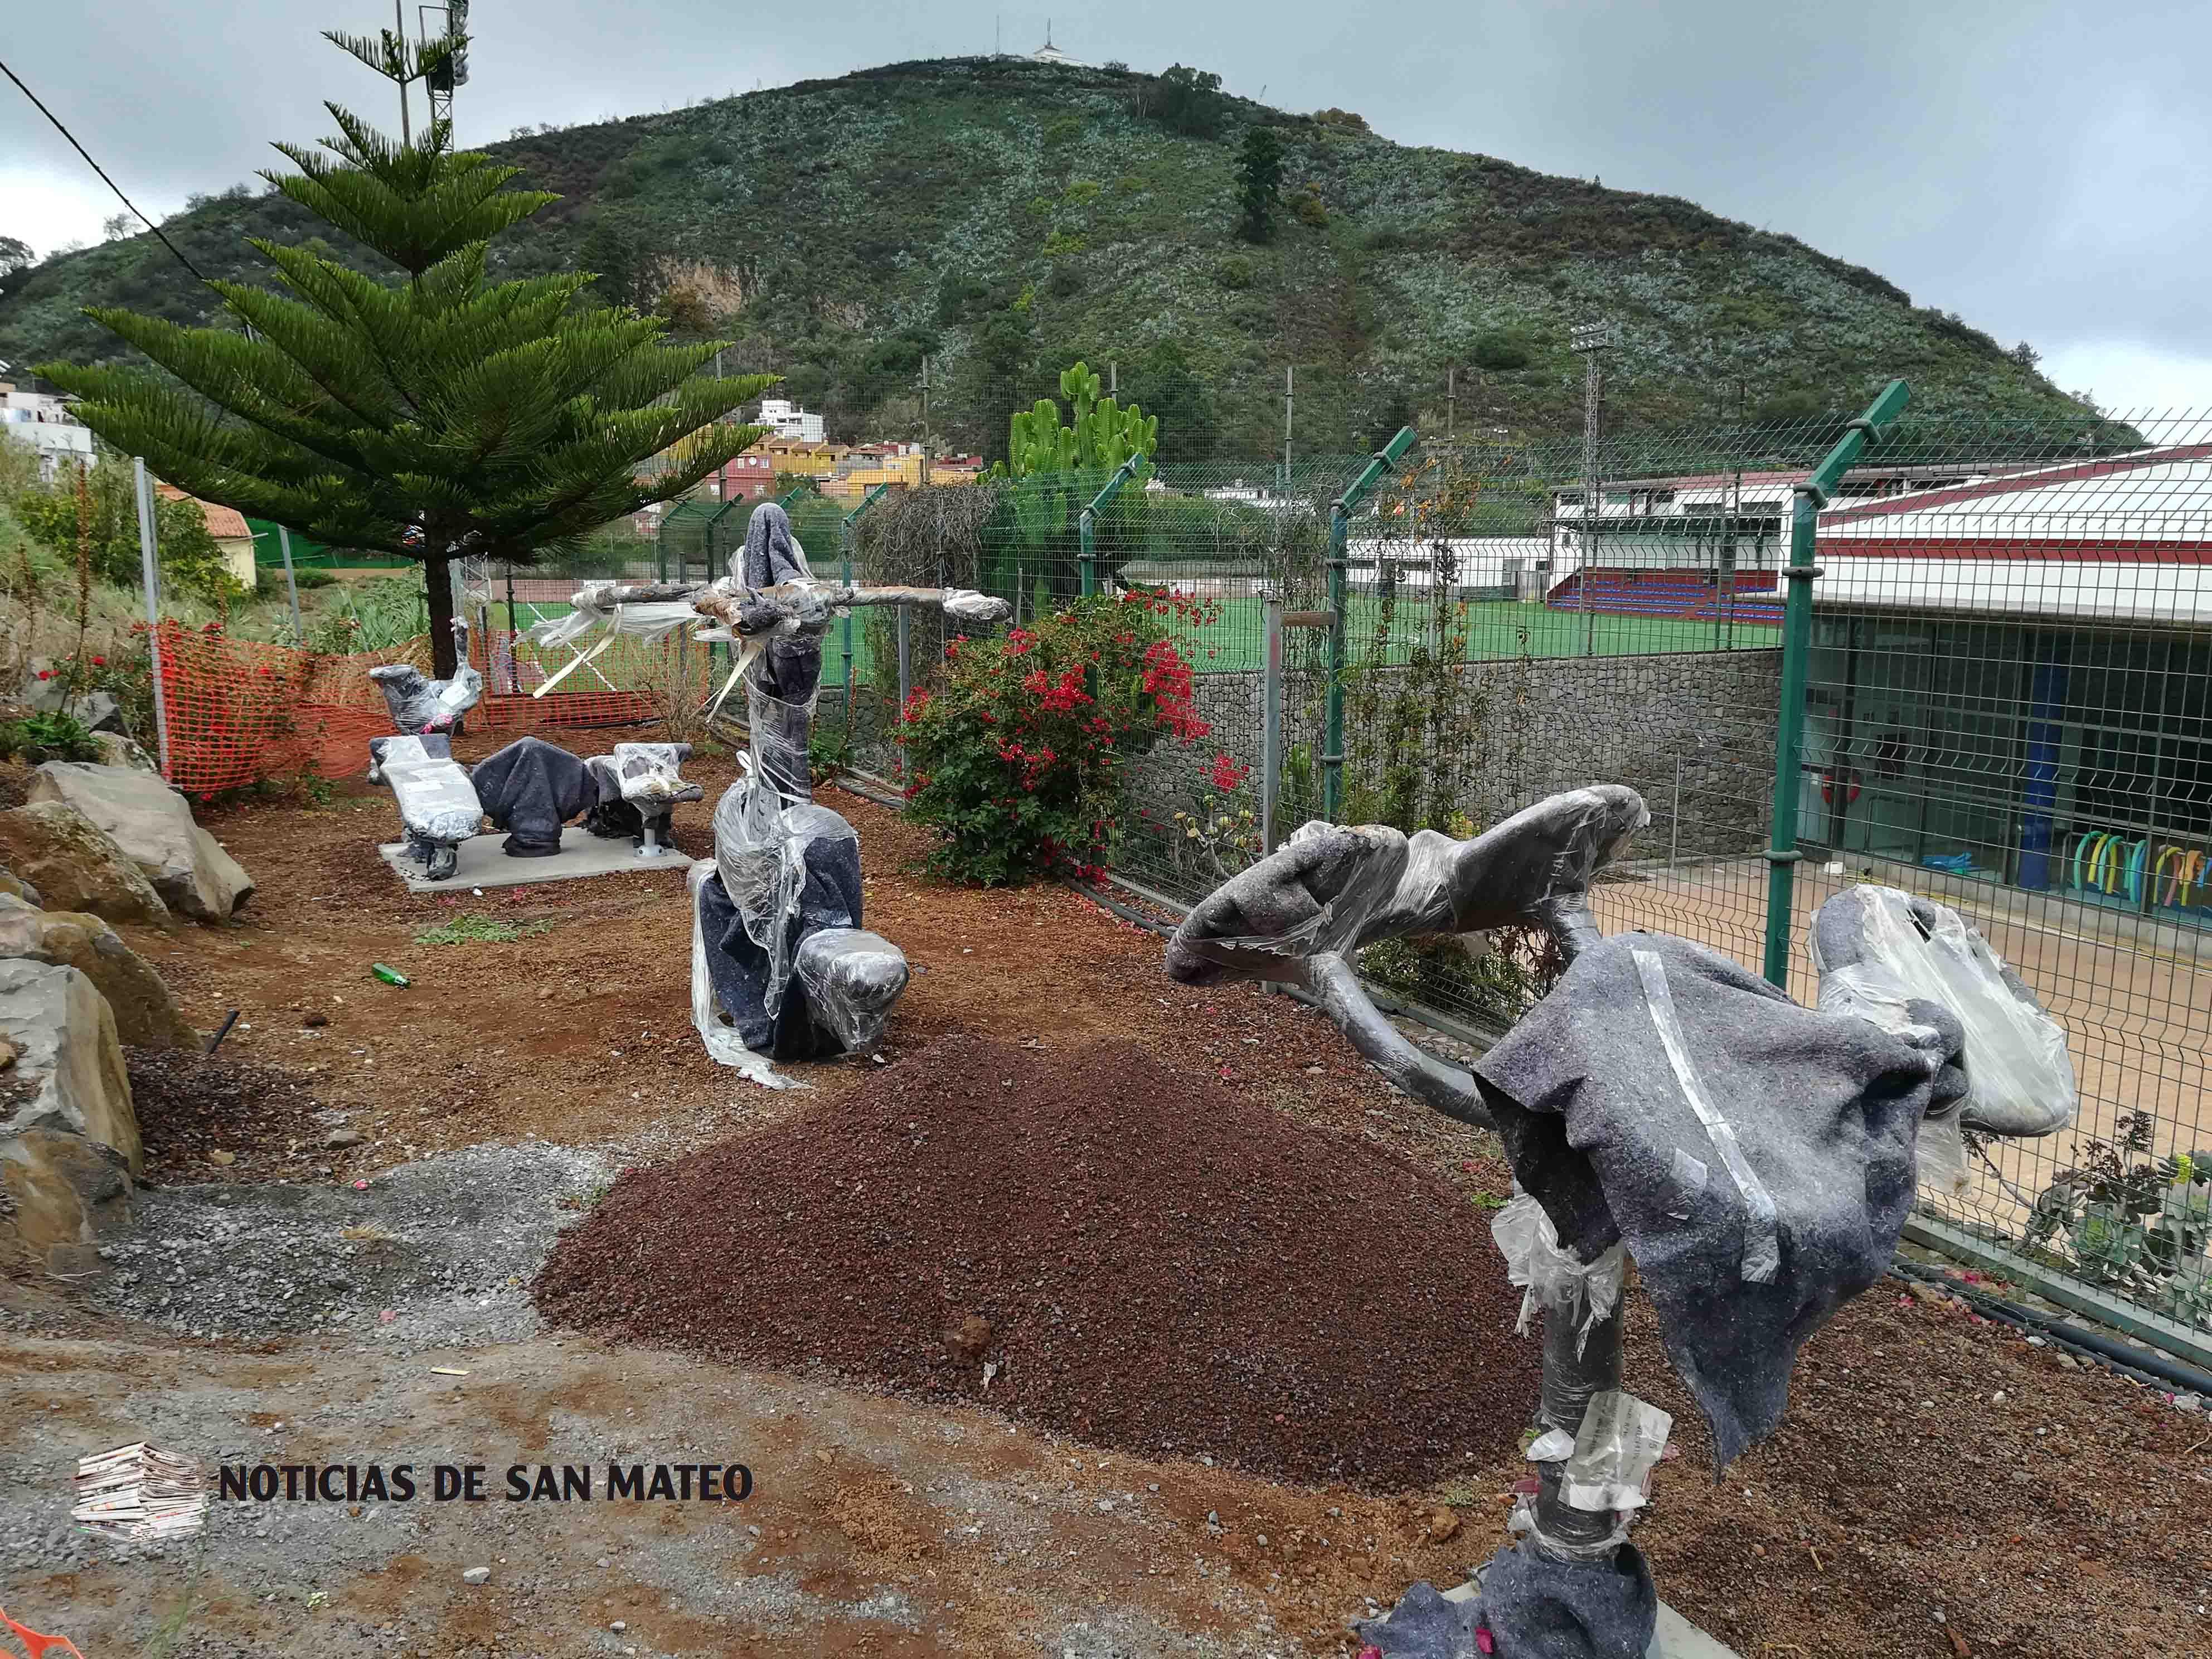 Maquinas biosaludables zona deportiva foto laura miranda noticias de san mateo